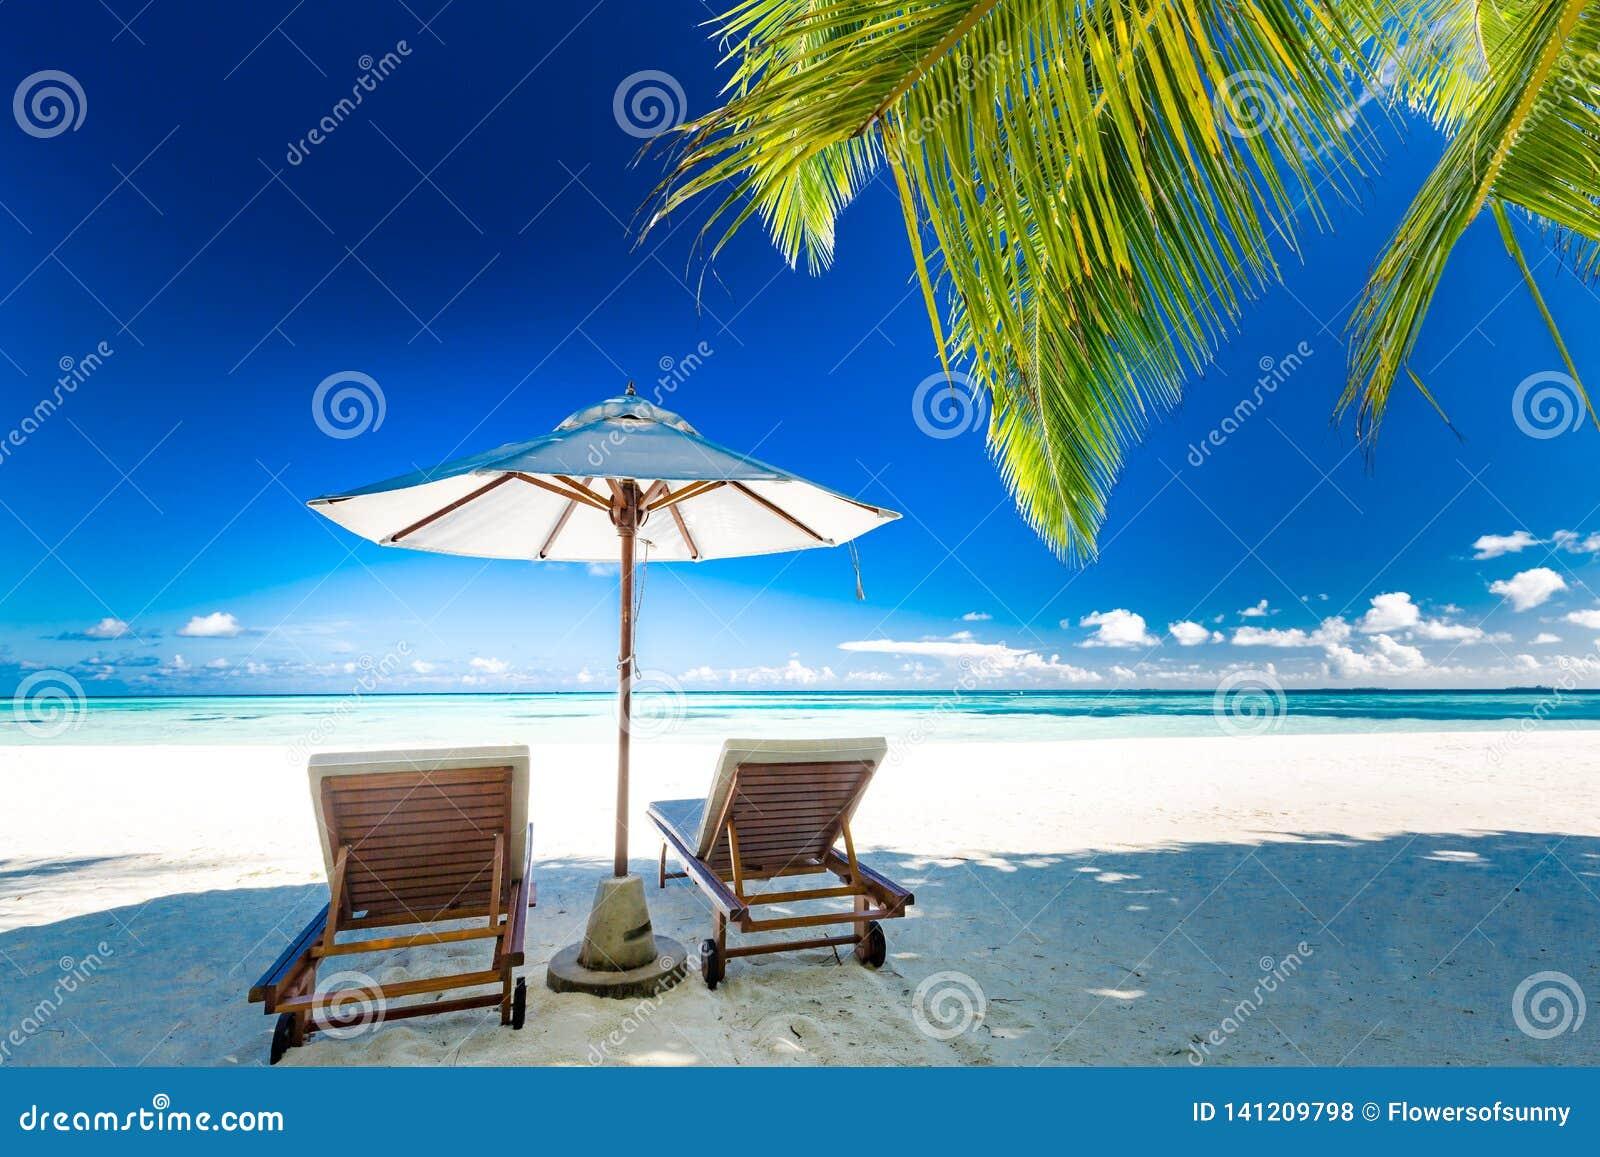 Bella spiaggia Fondo di concetto di vacanza estiva e di vacanza Architettura del pæsaggio tropicale ispiratrice Scena di viaggio